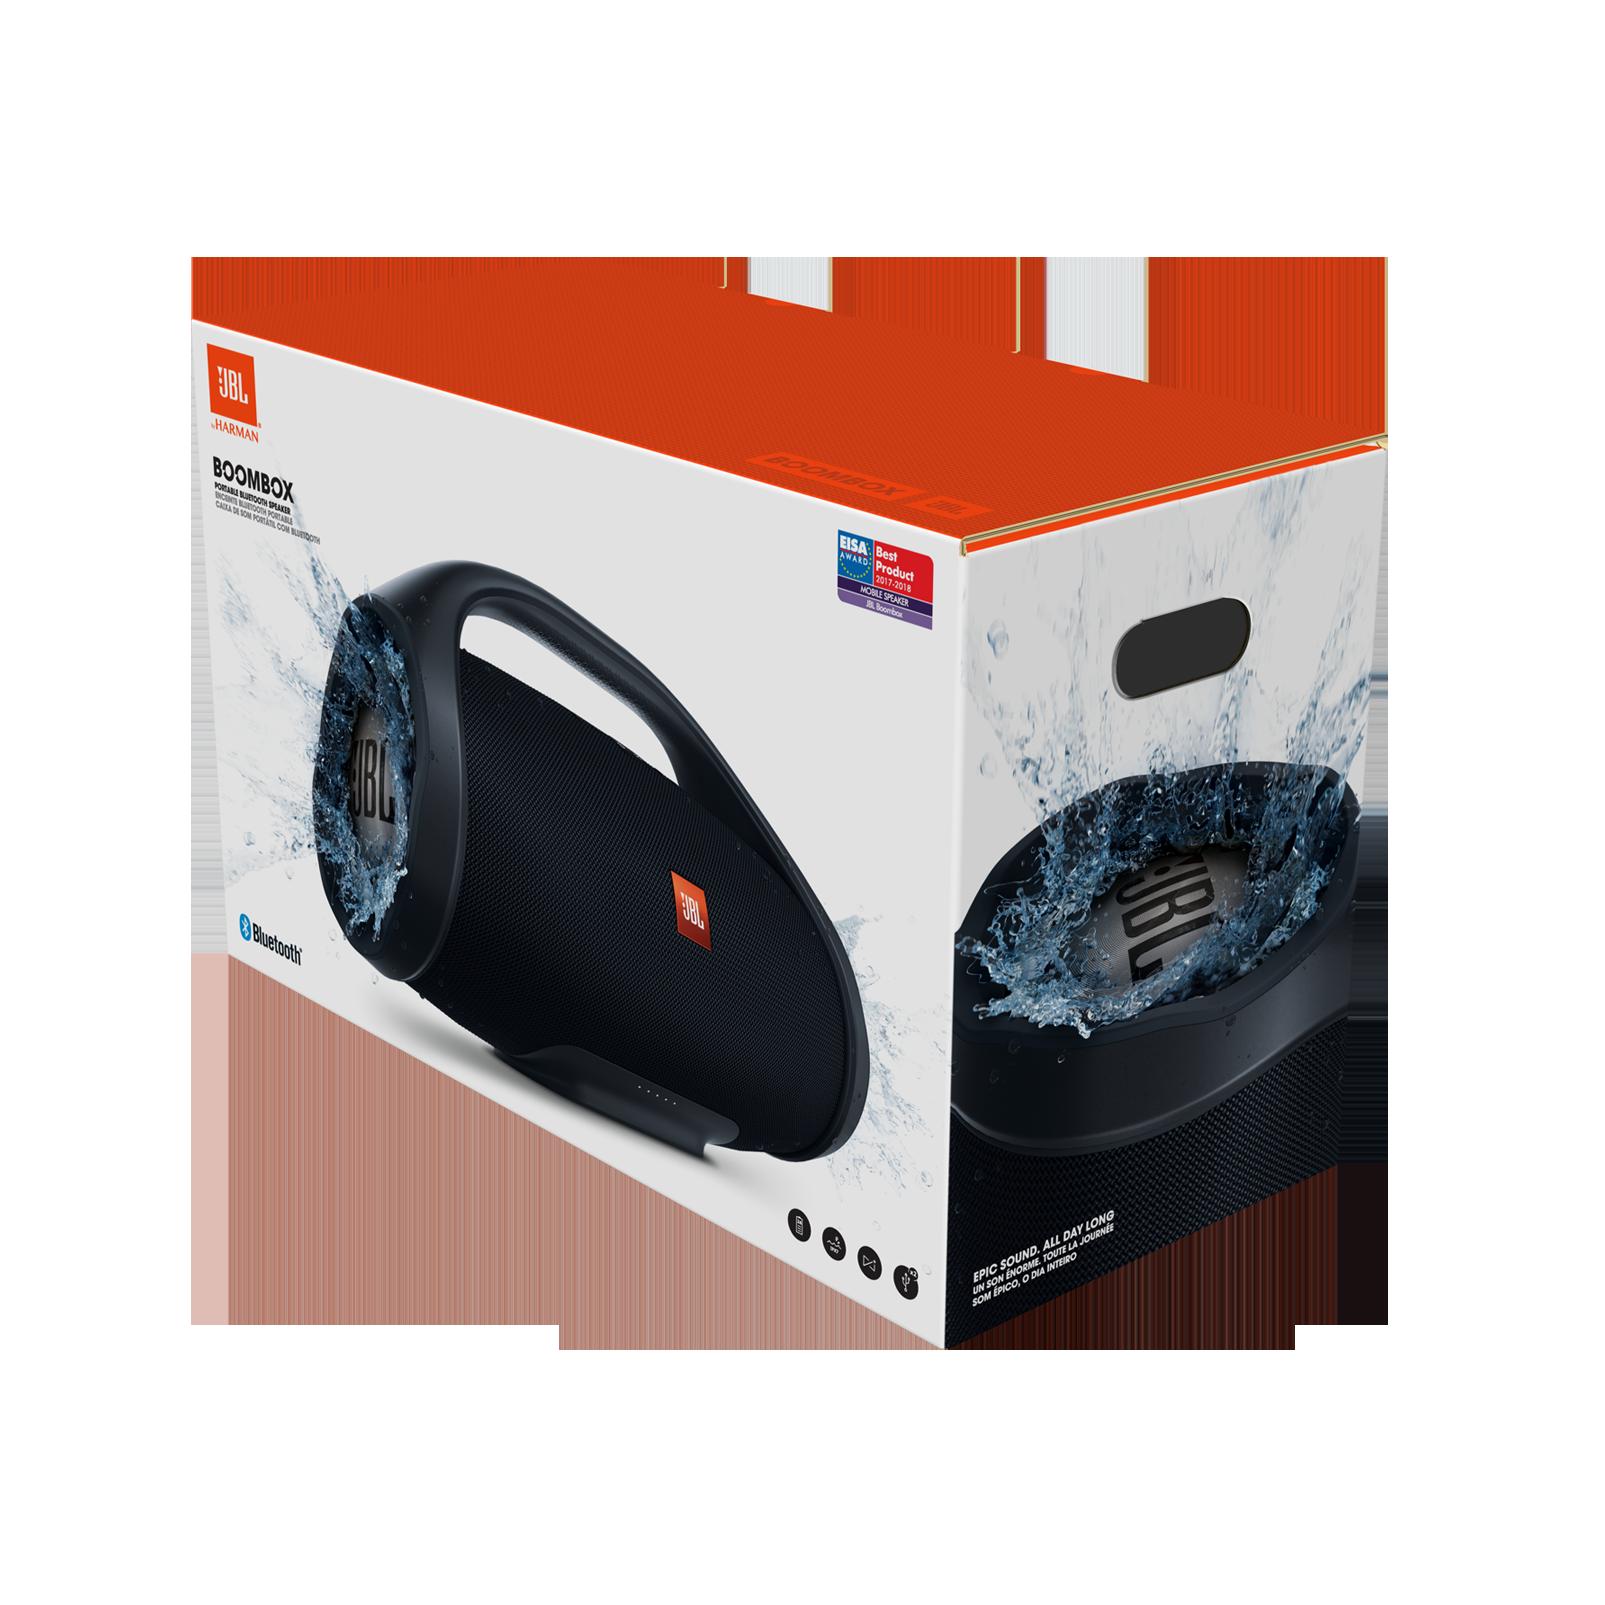 441fb699da4 JBL Boombox | Portable Bluetooth Speaker